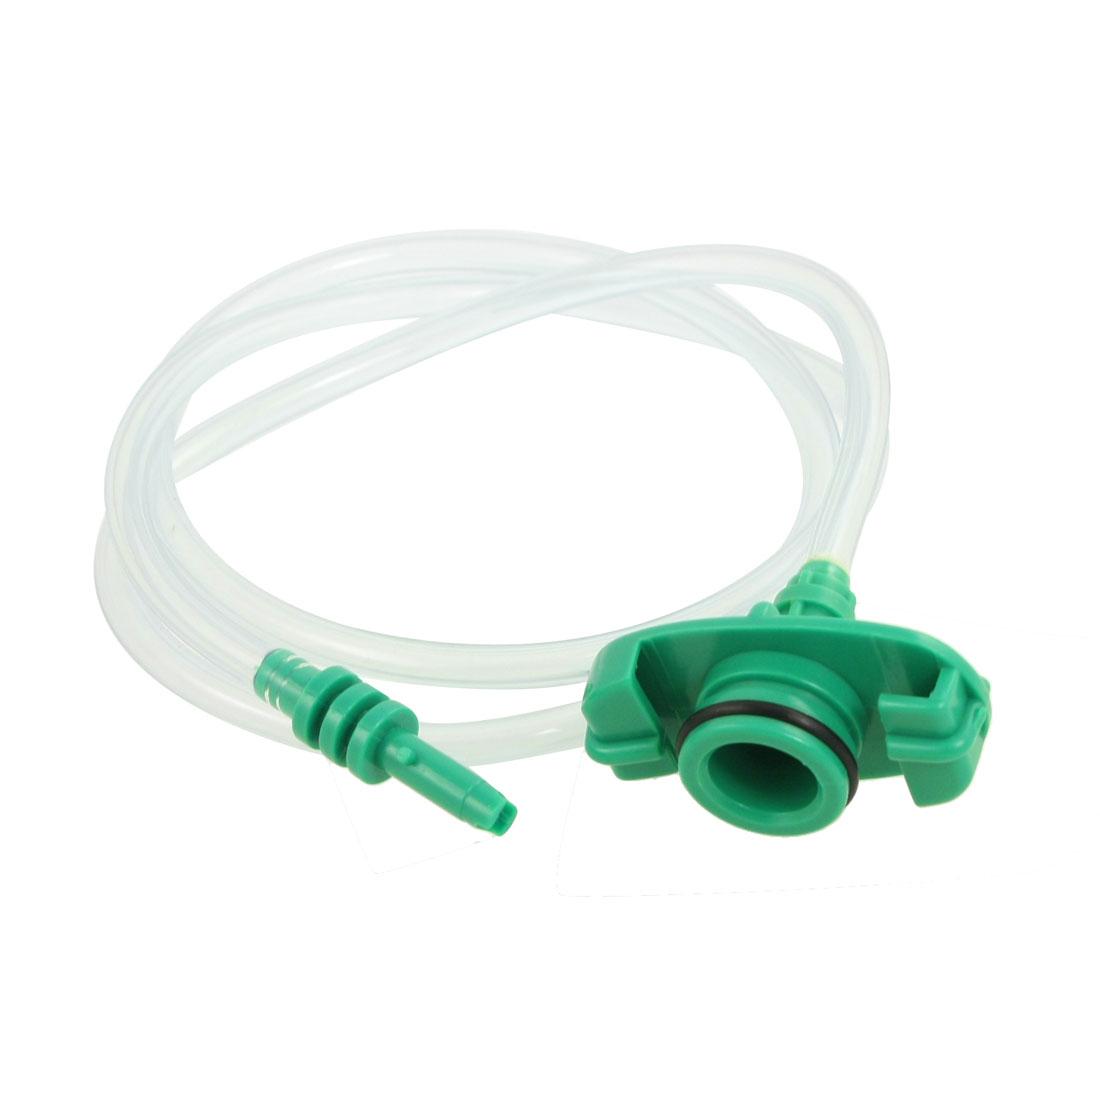 Plastic Transparent Air Tubing Glue Dispenser Syringe Adapter